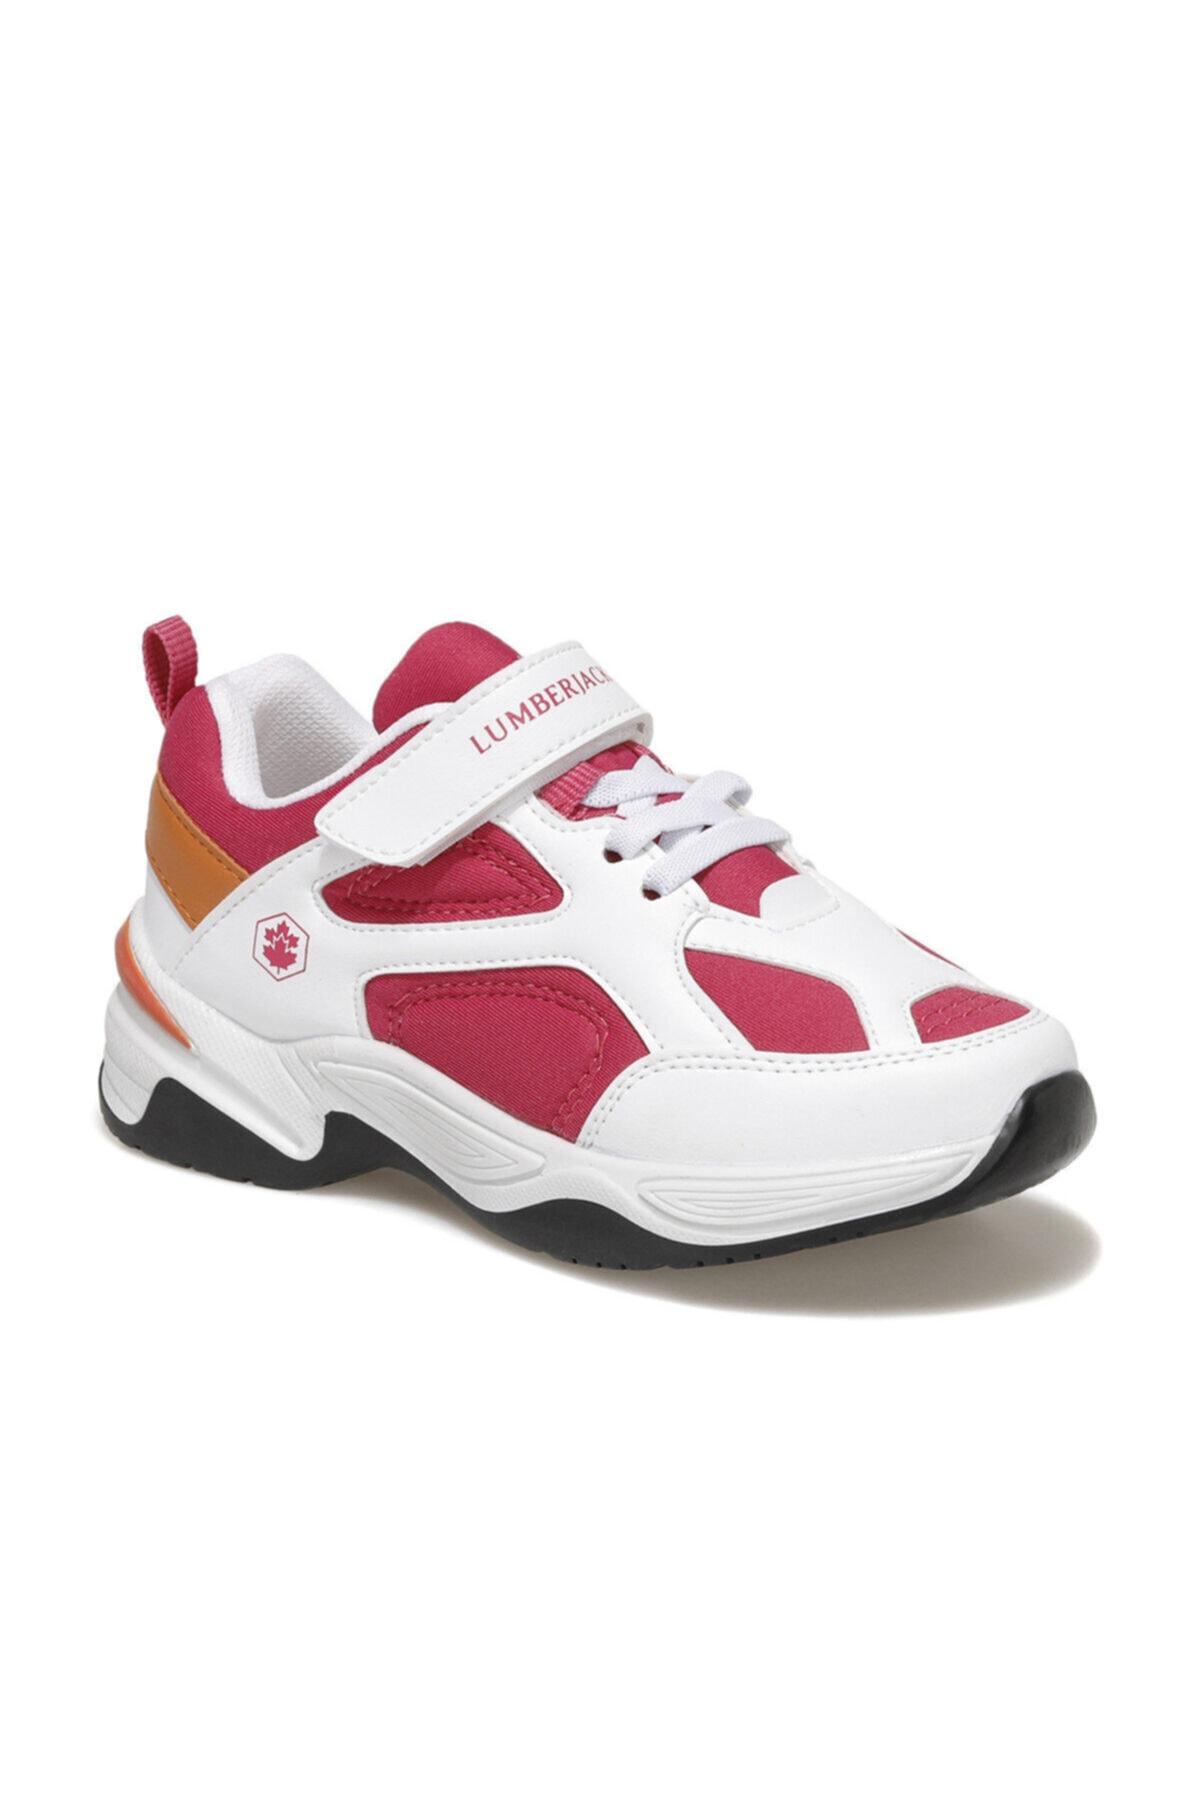 lumberjack LEGEND JR Beyaz Kız Çocuk Yürüyüş Ayakkabısı 100553188 1